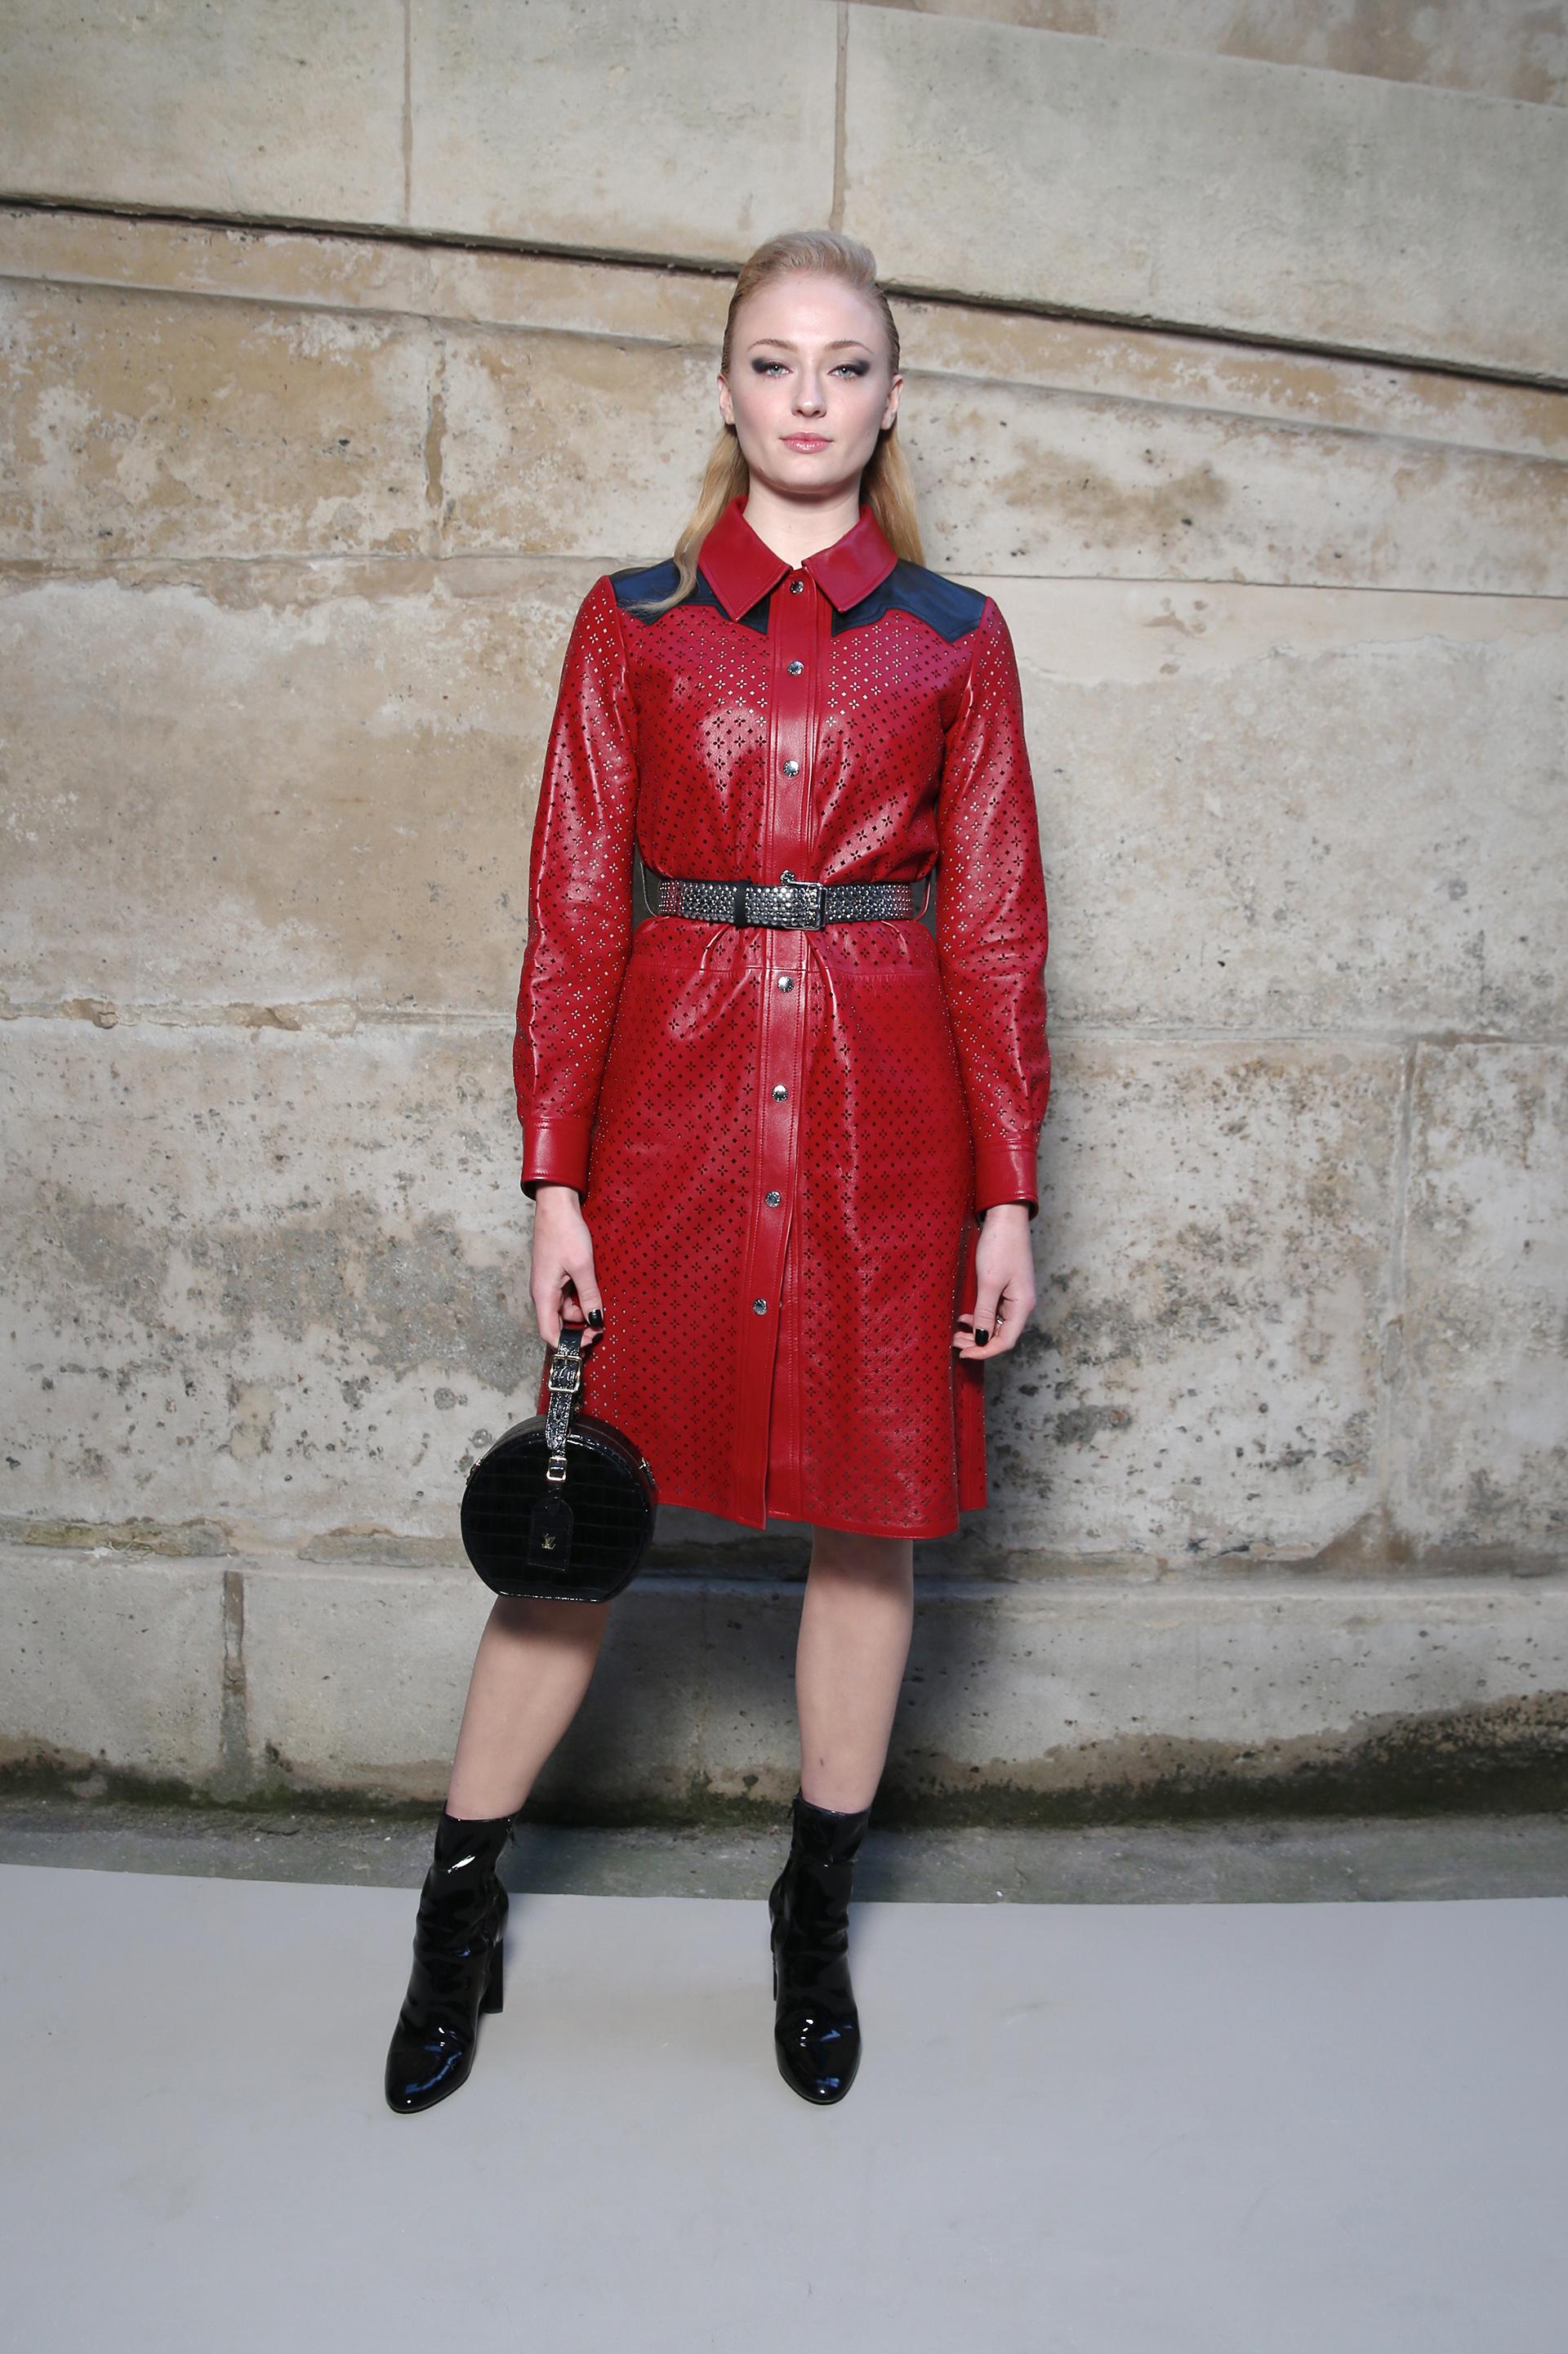 El look audaz en cuero rojo de la actriz Sophie Turner